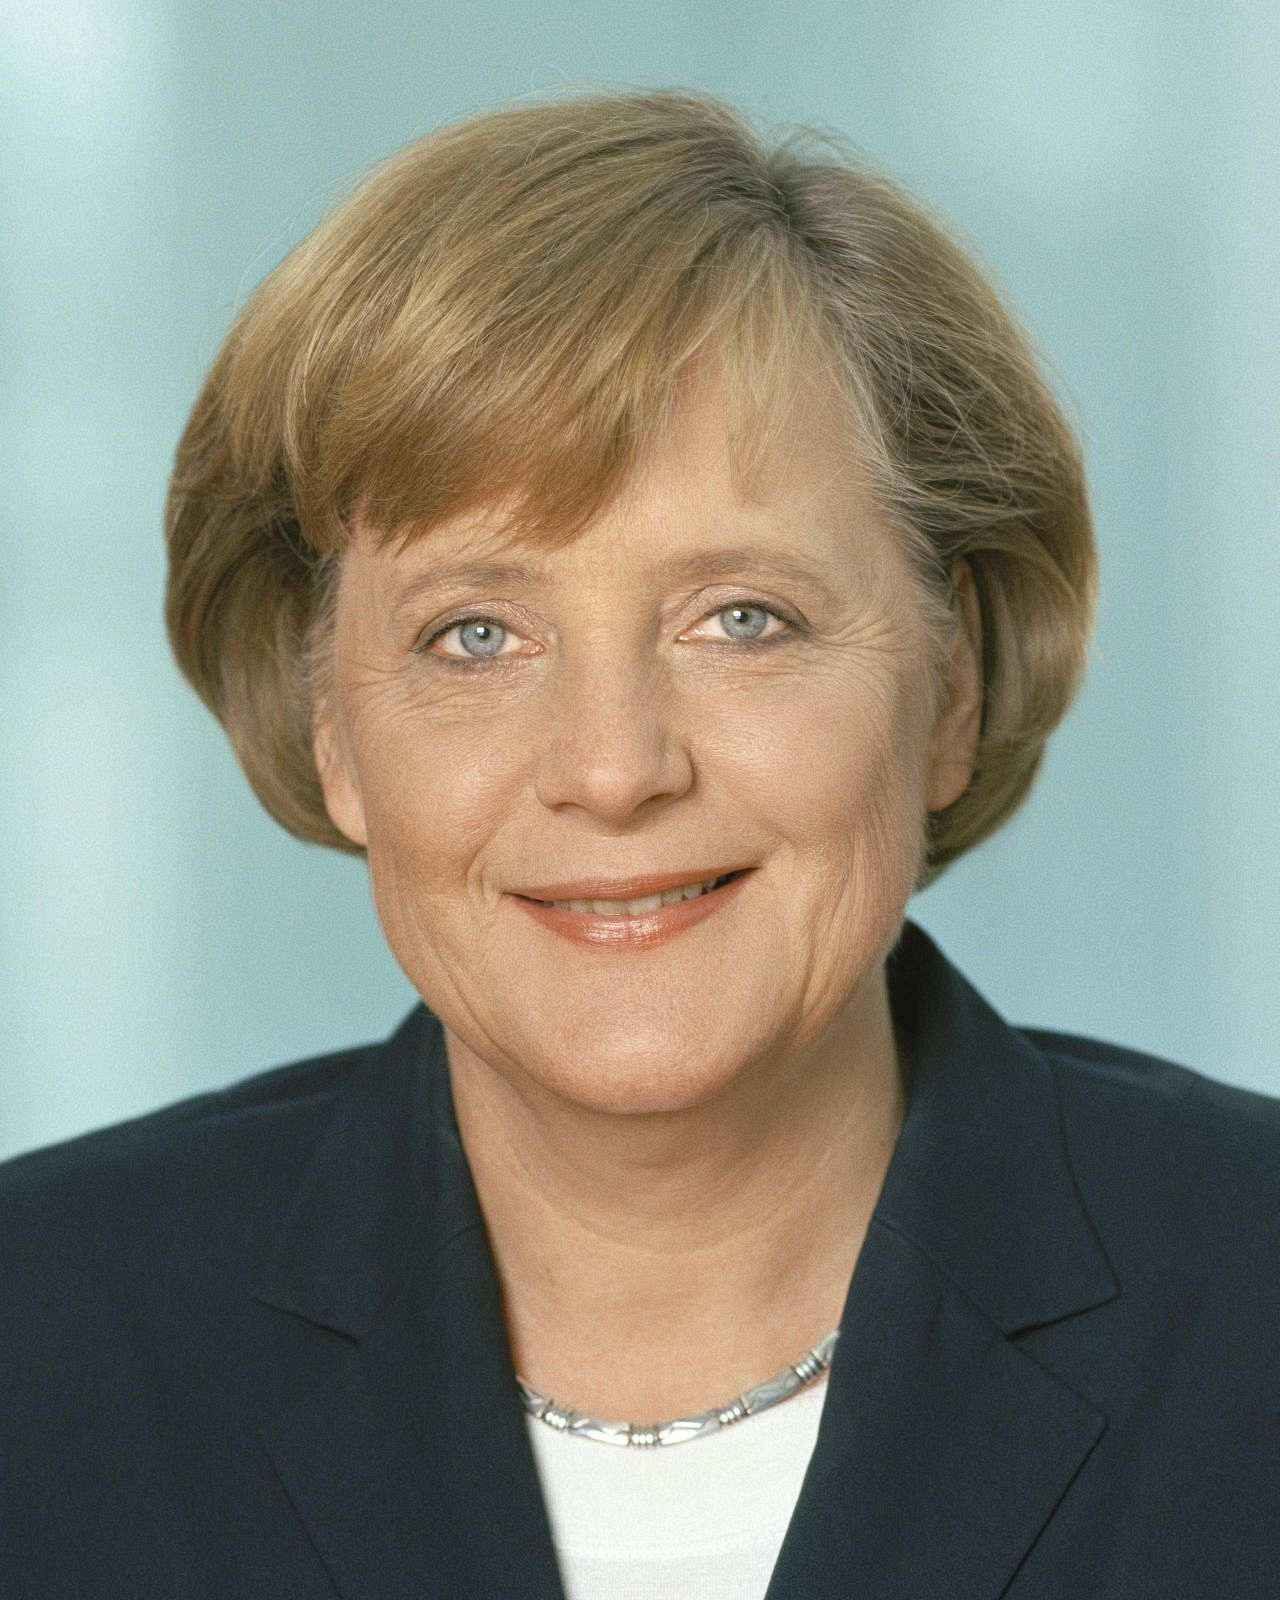 Offizielles Porträt von Angela Merkel, Bundeskanzlerin der Bundesrepublik ...